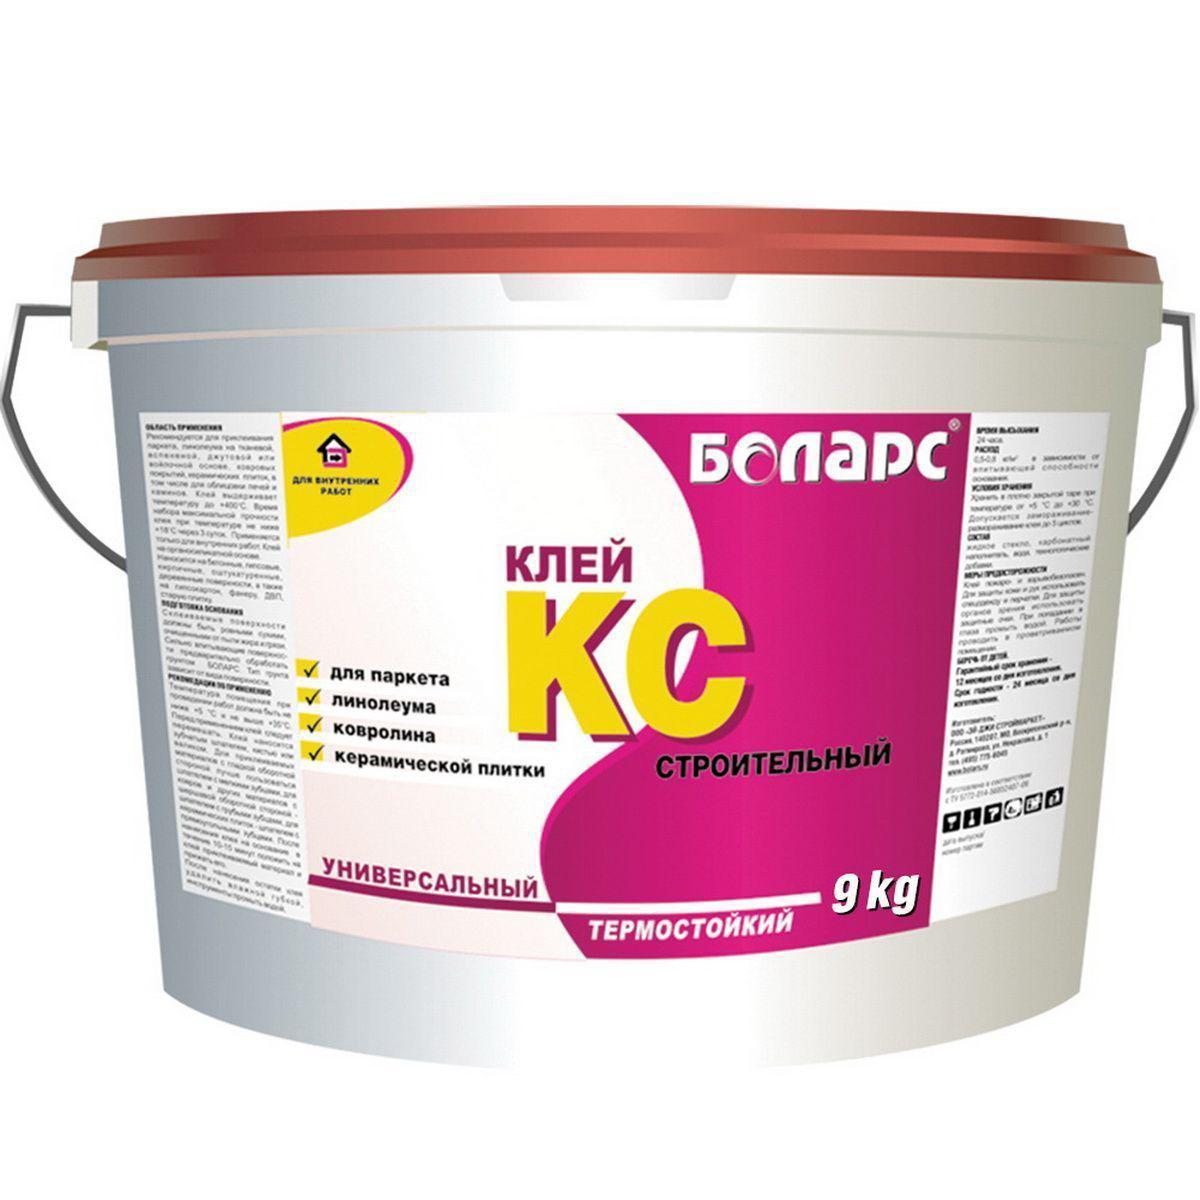 Клей Боларс КС, строительный, универсальный, 9 кгCLP446Боларс КС - универсальный термостойкий клей для внутренних работ. Клей предназначен для приклеивания на впитывающие и не впитывающие горизонтальные основания линолеума на тканевой, вспененной, джутовой или войлочной основе, ковровых покрытый, паркета, кафельной, керамической, мозаичной плитки, стекла и зеркал. Выдерживает температурные нагрузки до 400°С, что позволяет применять клей при кладке и облицовке печей и каминов. Цвет: светло-бежевый.Время высыхания: 24 часа; полное отверждение: 72 часа.pH: 9,0-11,0.Расход: 0,5-0,8 кг/м2.Адгезия: не менее 0,6 МПа.Адгезия после нагревания до 400°С: не менее 0,4 МПа.Морозостойкость при транспортировке: 5 циклов.Температура проведения работ: +5°С +30°С.Температура эксплуатации: +5°С +400°С. Гарантийный срок хранения - 12 месяцев со дня изготовления, в оригинальной невскрытой упаковке изготовителя. Срок годности - 18 месяцев со дня изготовления, в оригинальной невскрытой упаковке изготовителя.